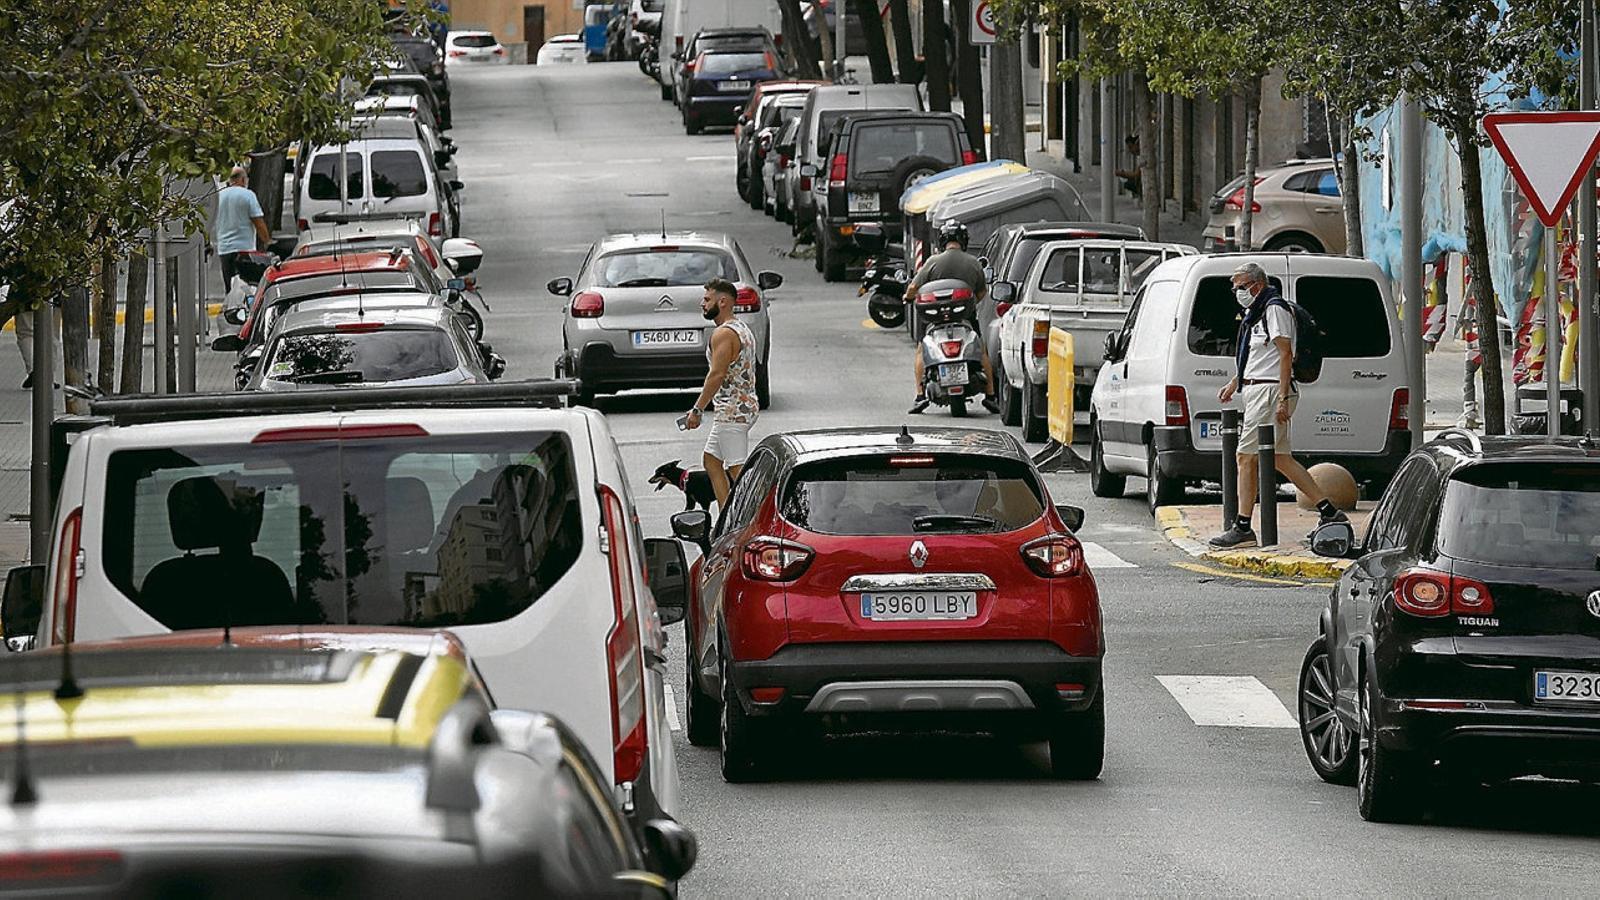 El malson de viure a la Part Forana      i treballar al centre de Palma